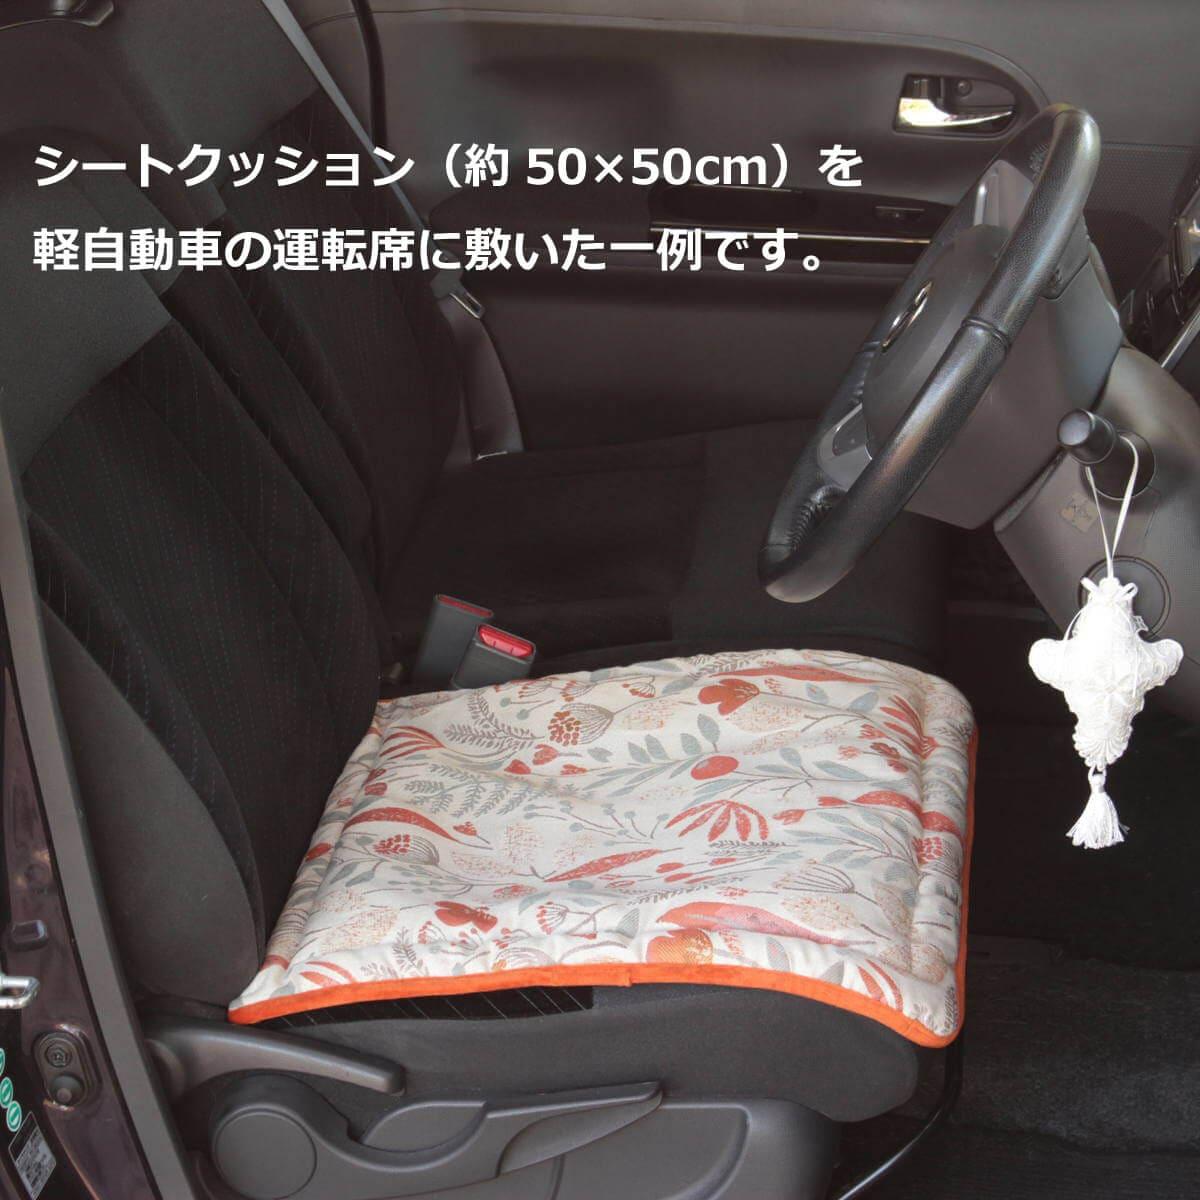 北欧風デザインのクッカポルクシリーズ,シートクッションを軽自動車の運転席に敷いた一例です。